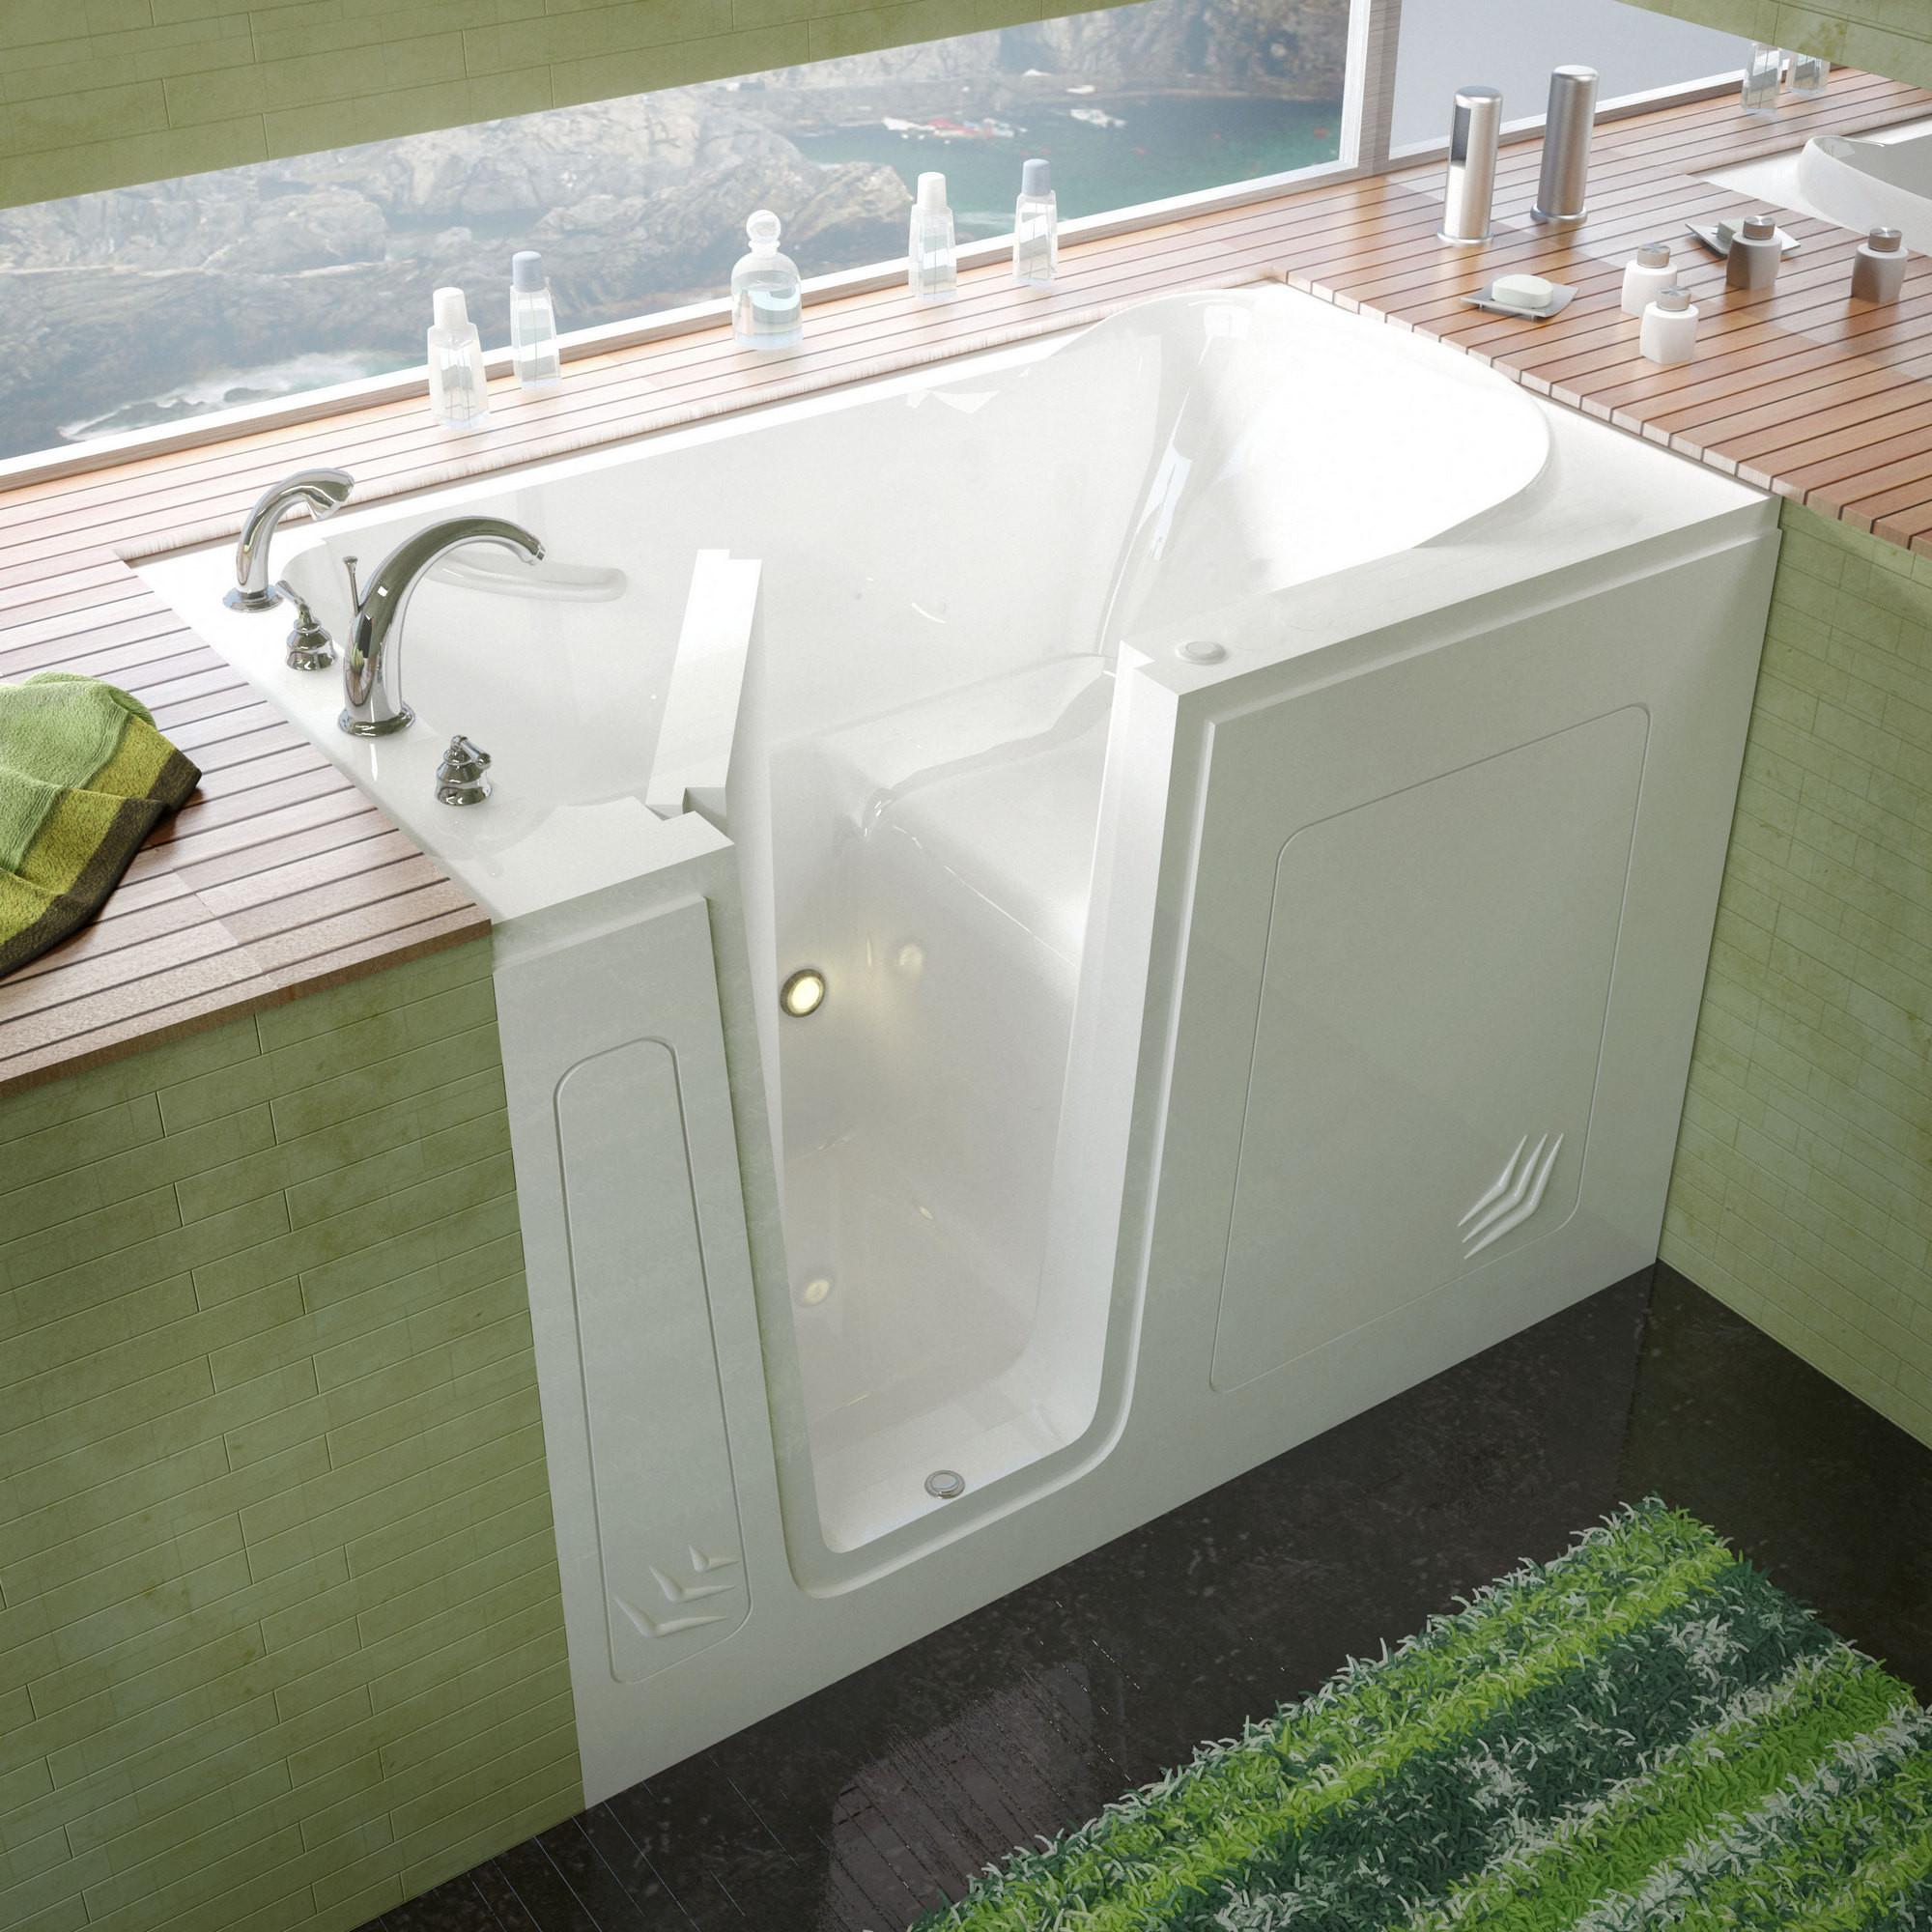 MediTub 3054LWS Walk-In 30 x 54 Left Drain White Soaking Bathtub